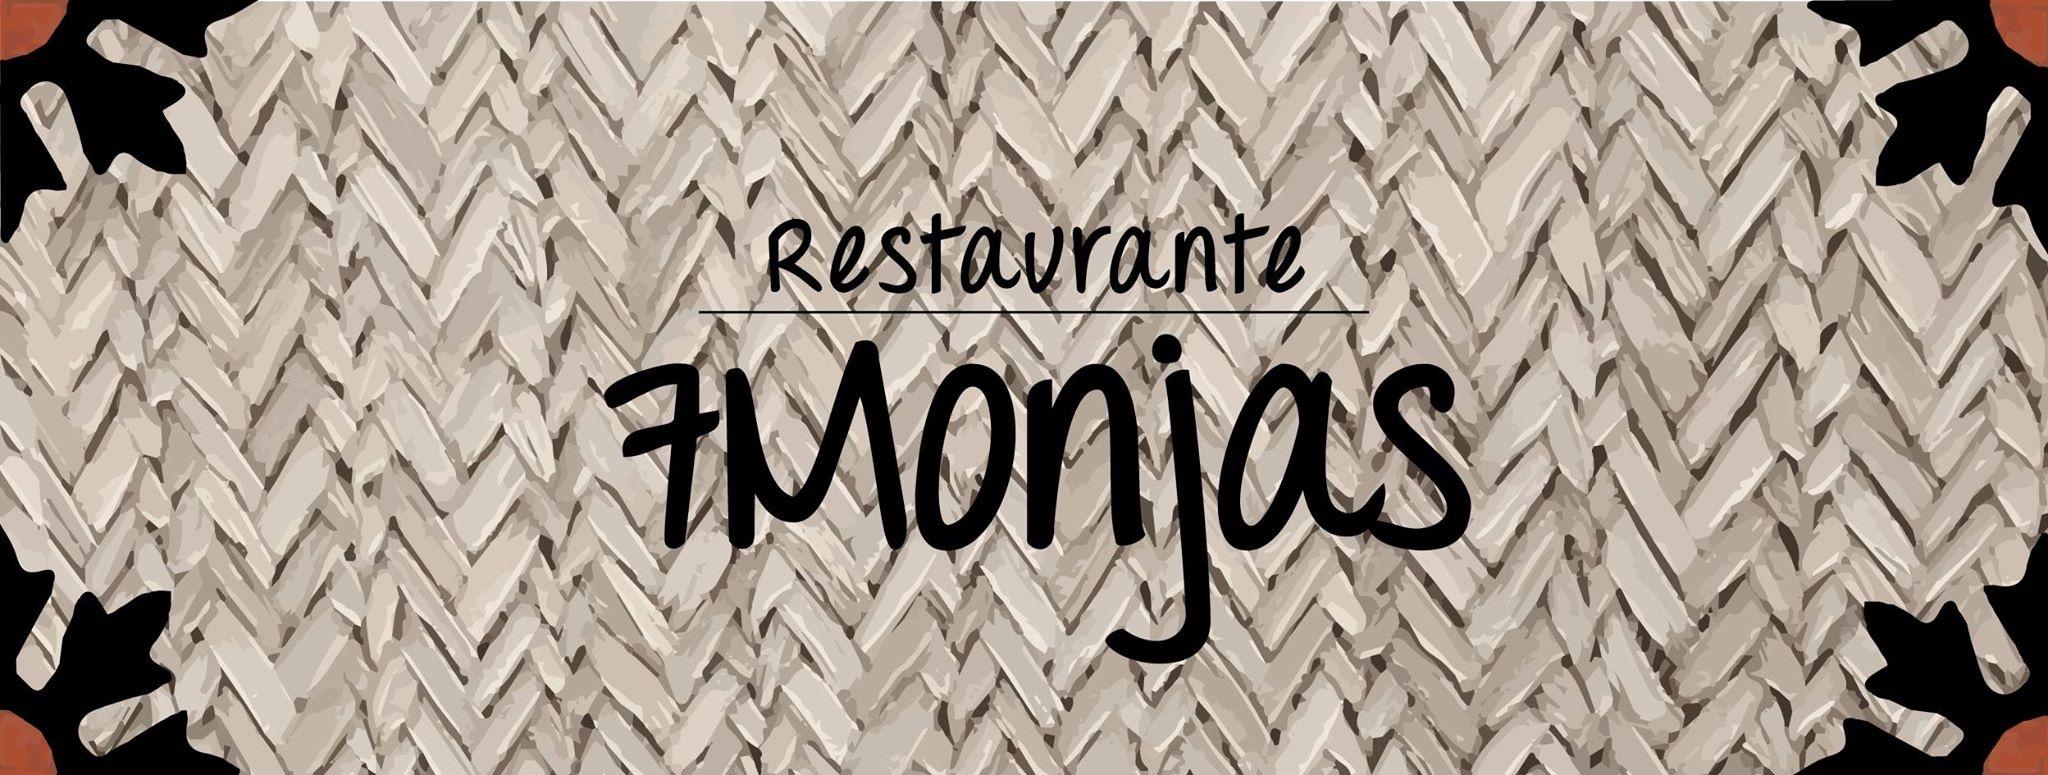 restaurante 7 monjas